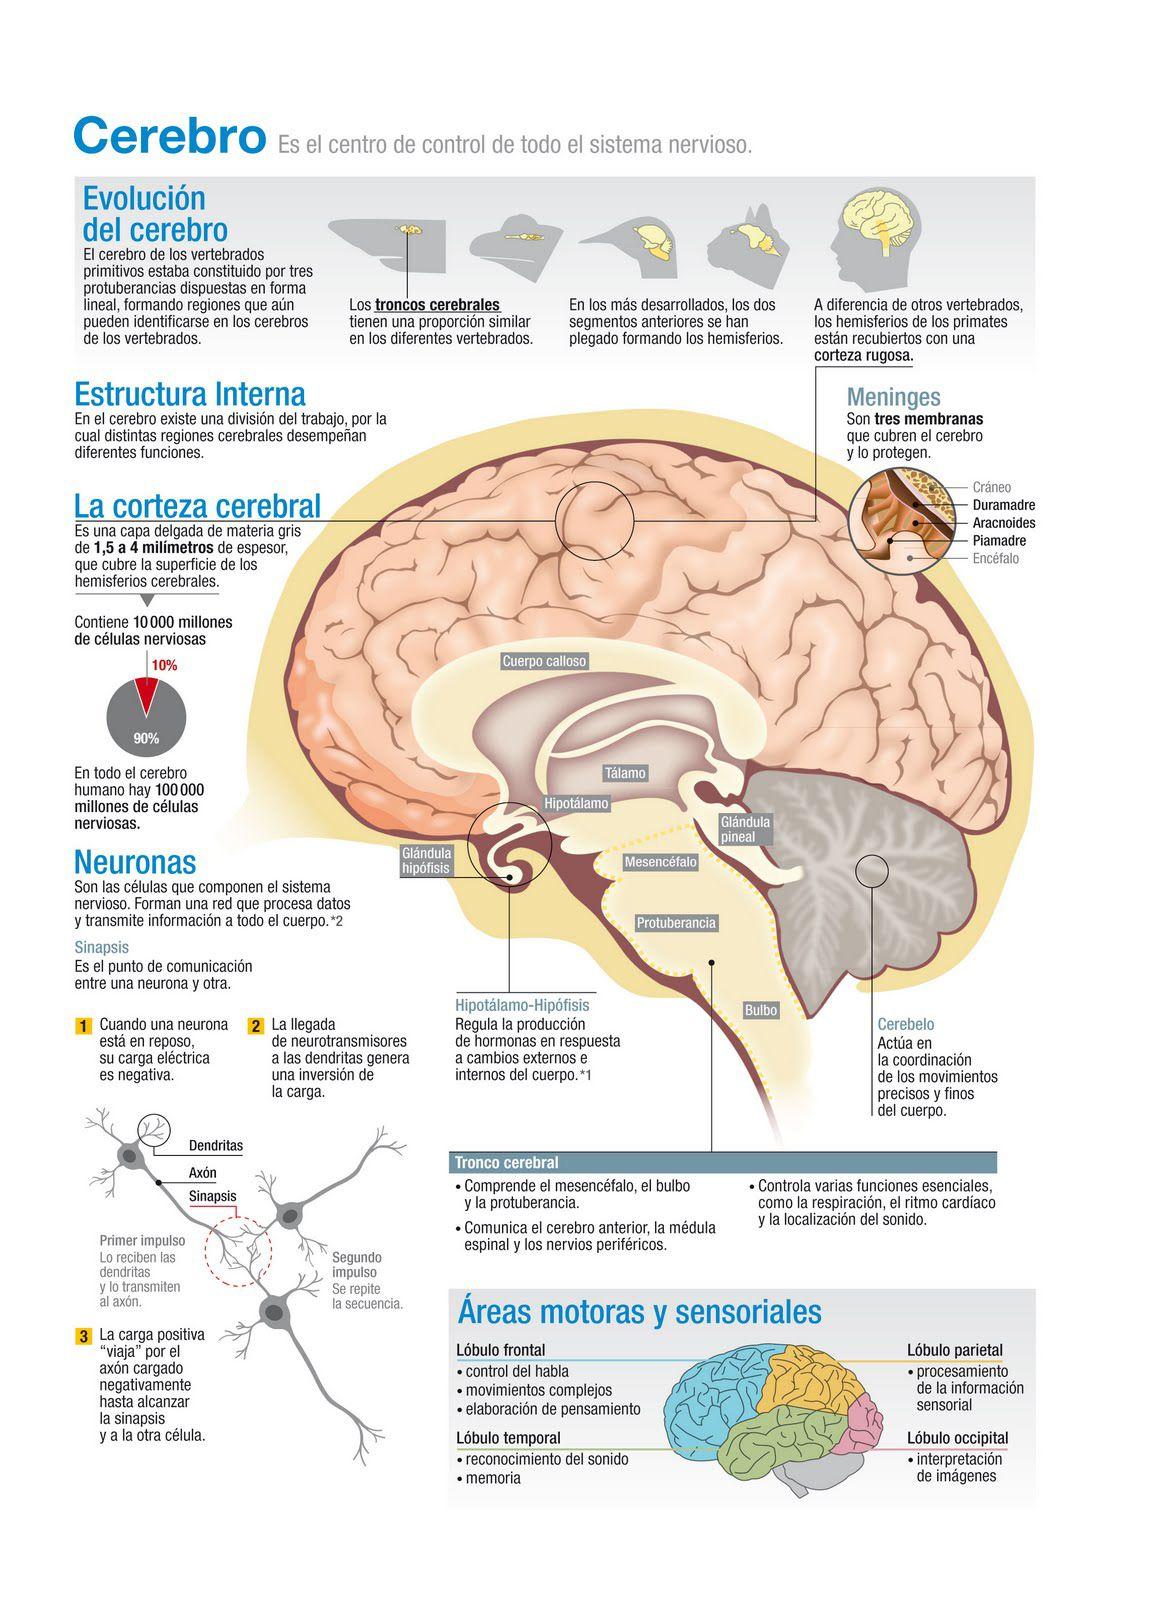 Cerebro, centro de control del sistema nervioso - Investigación y ...